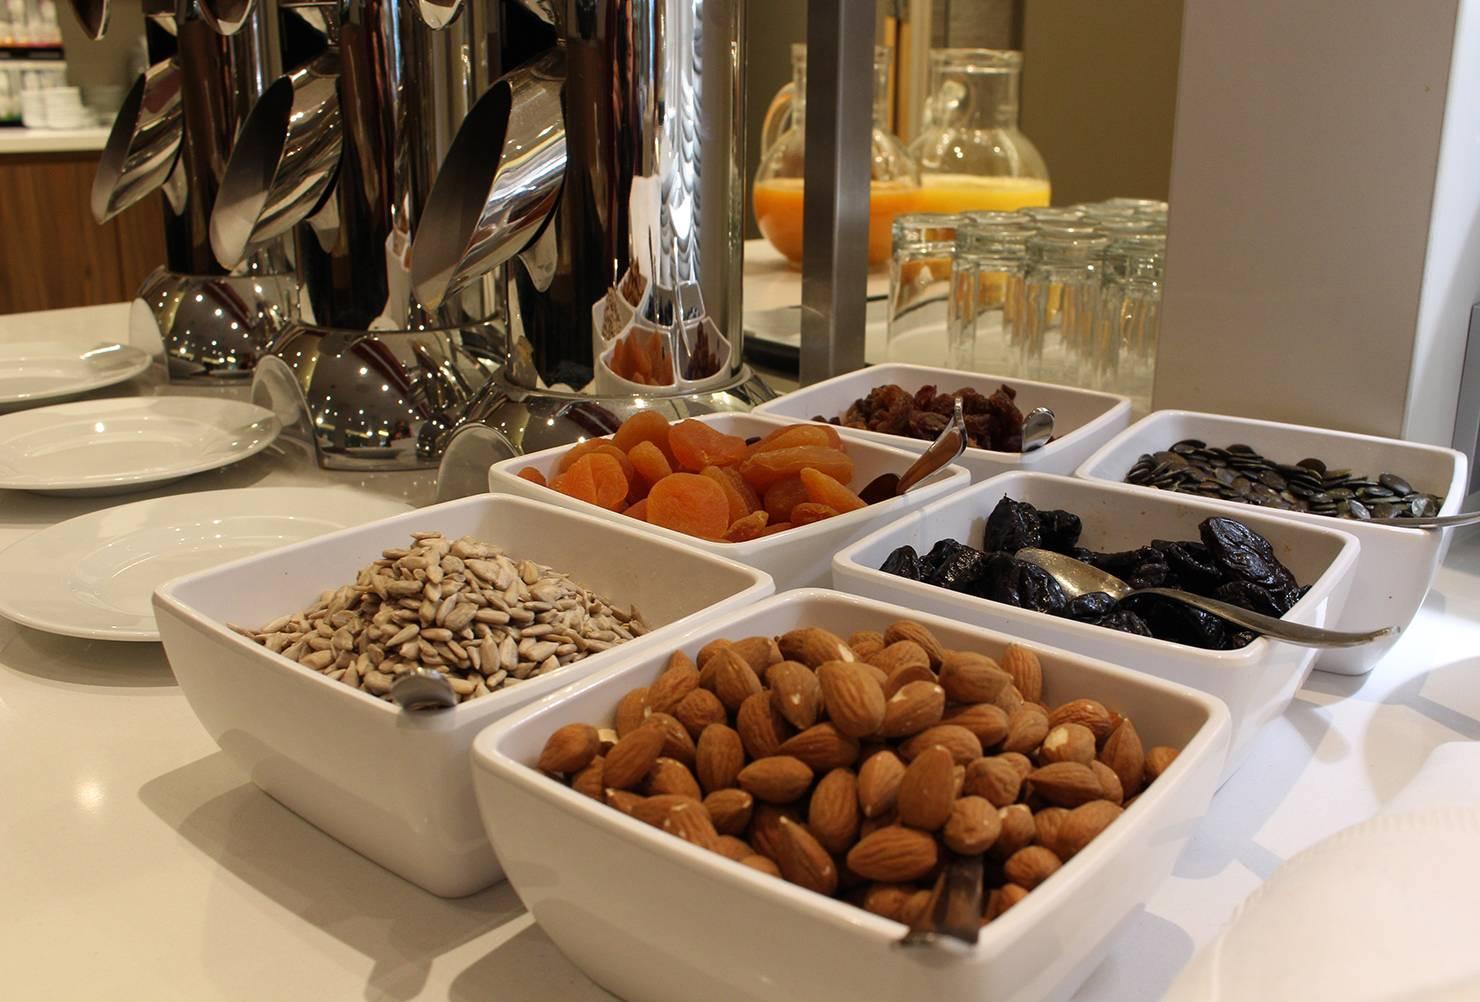 Frühstück und Brunch in Kempten im Restaurant musics